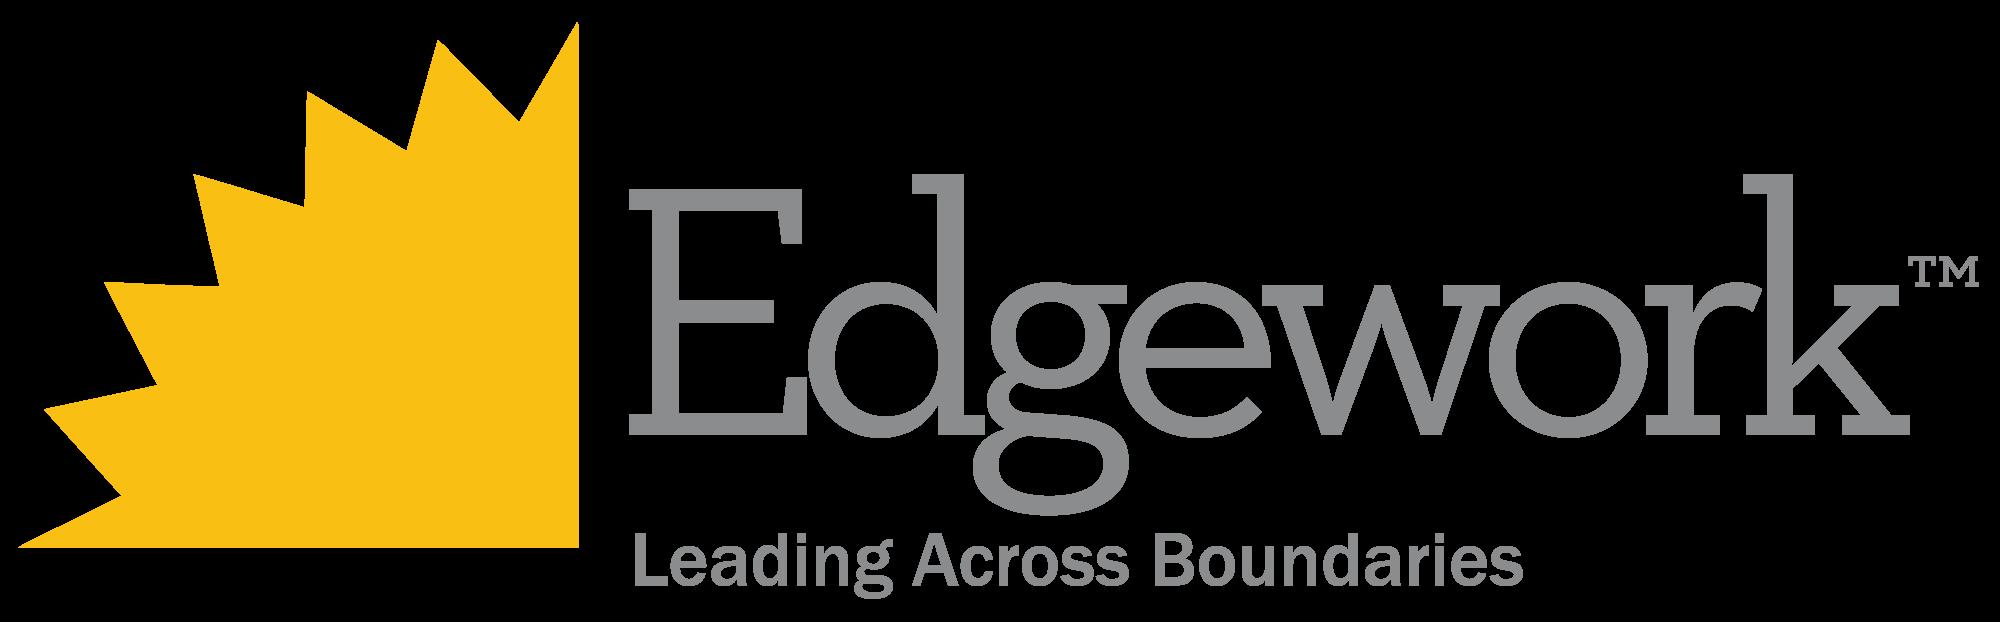 Edgework (1)